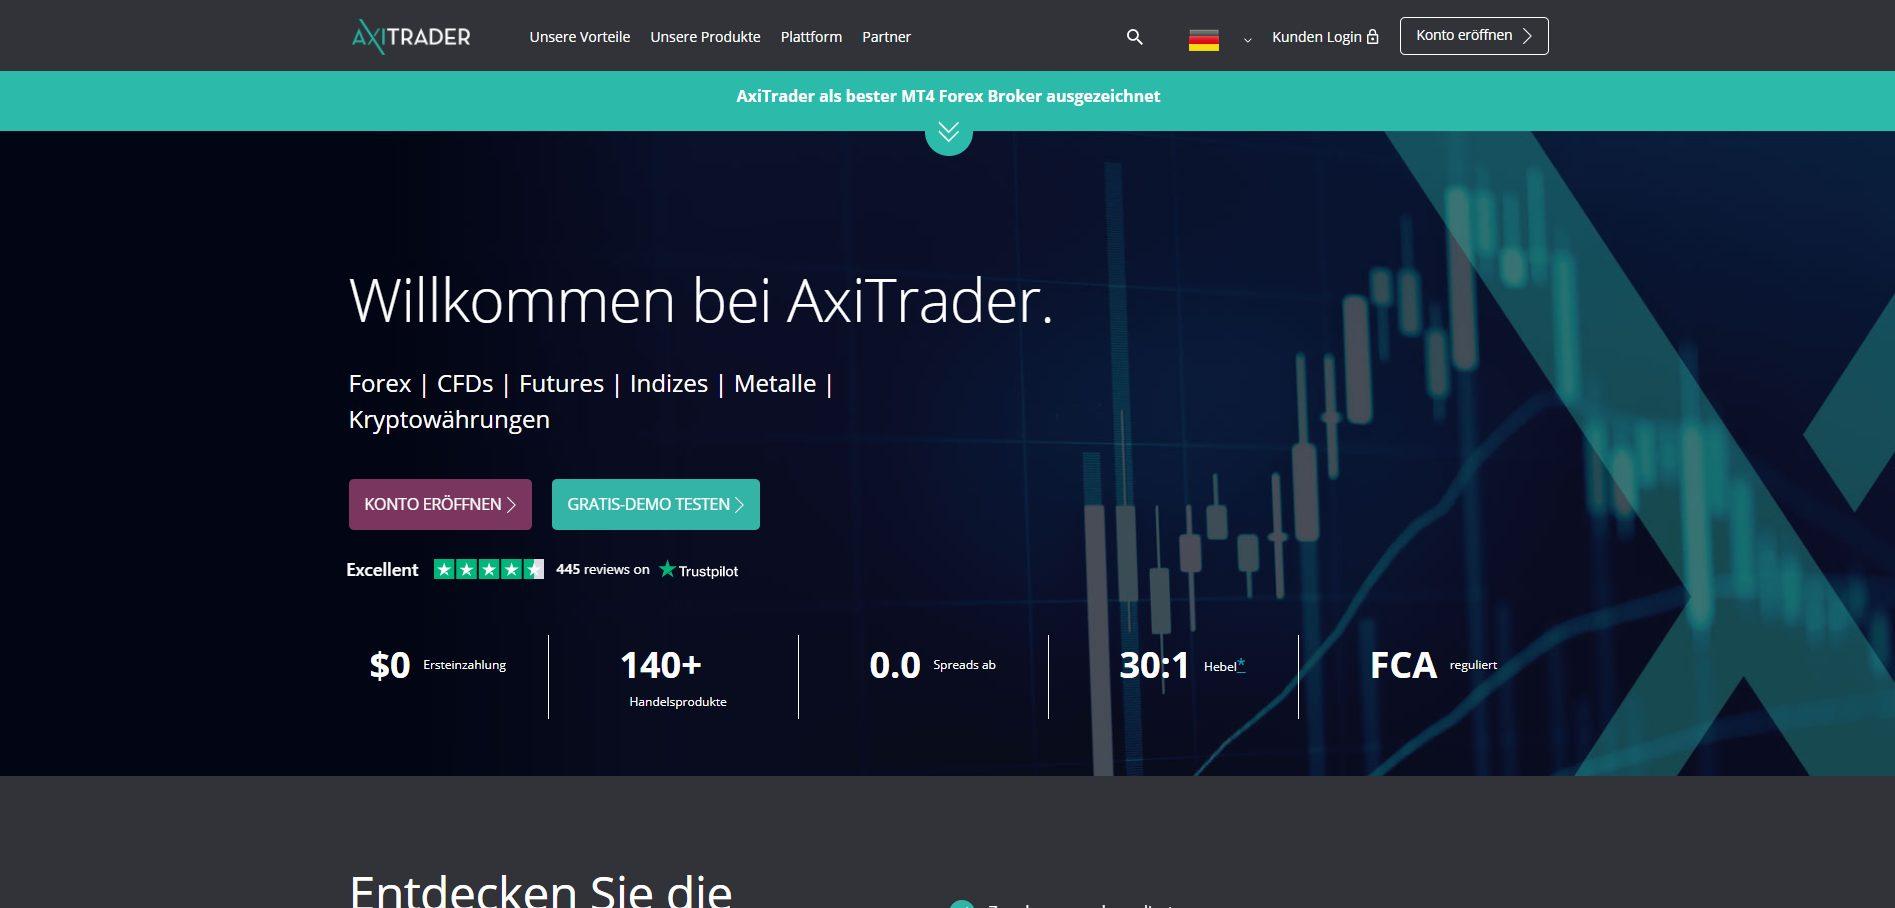 AxiTrader Forex Broker Webseite Screenshot